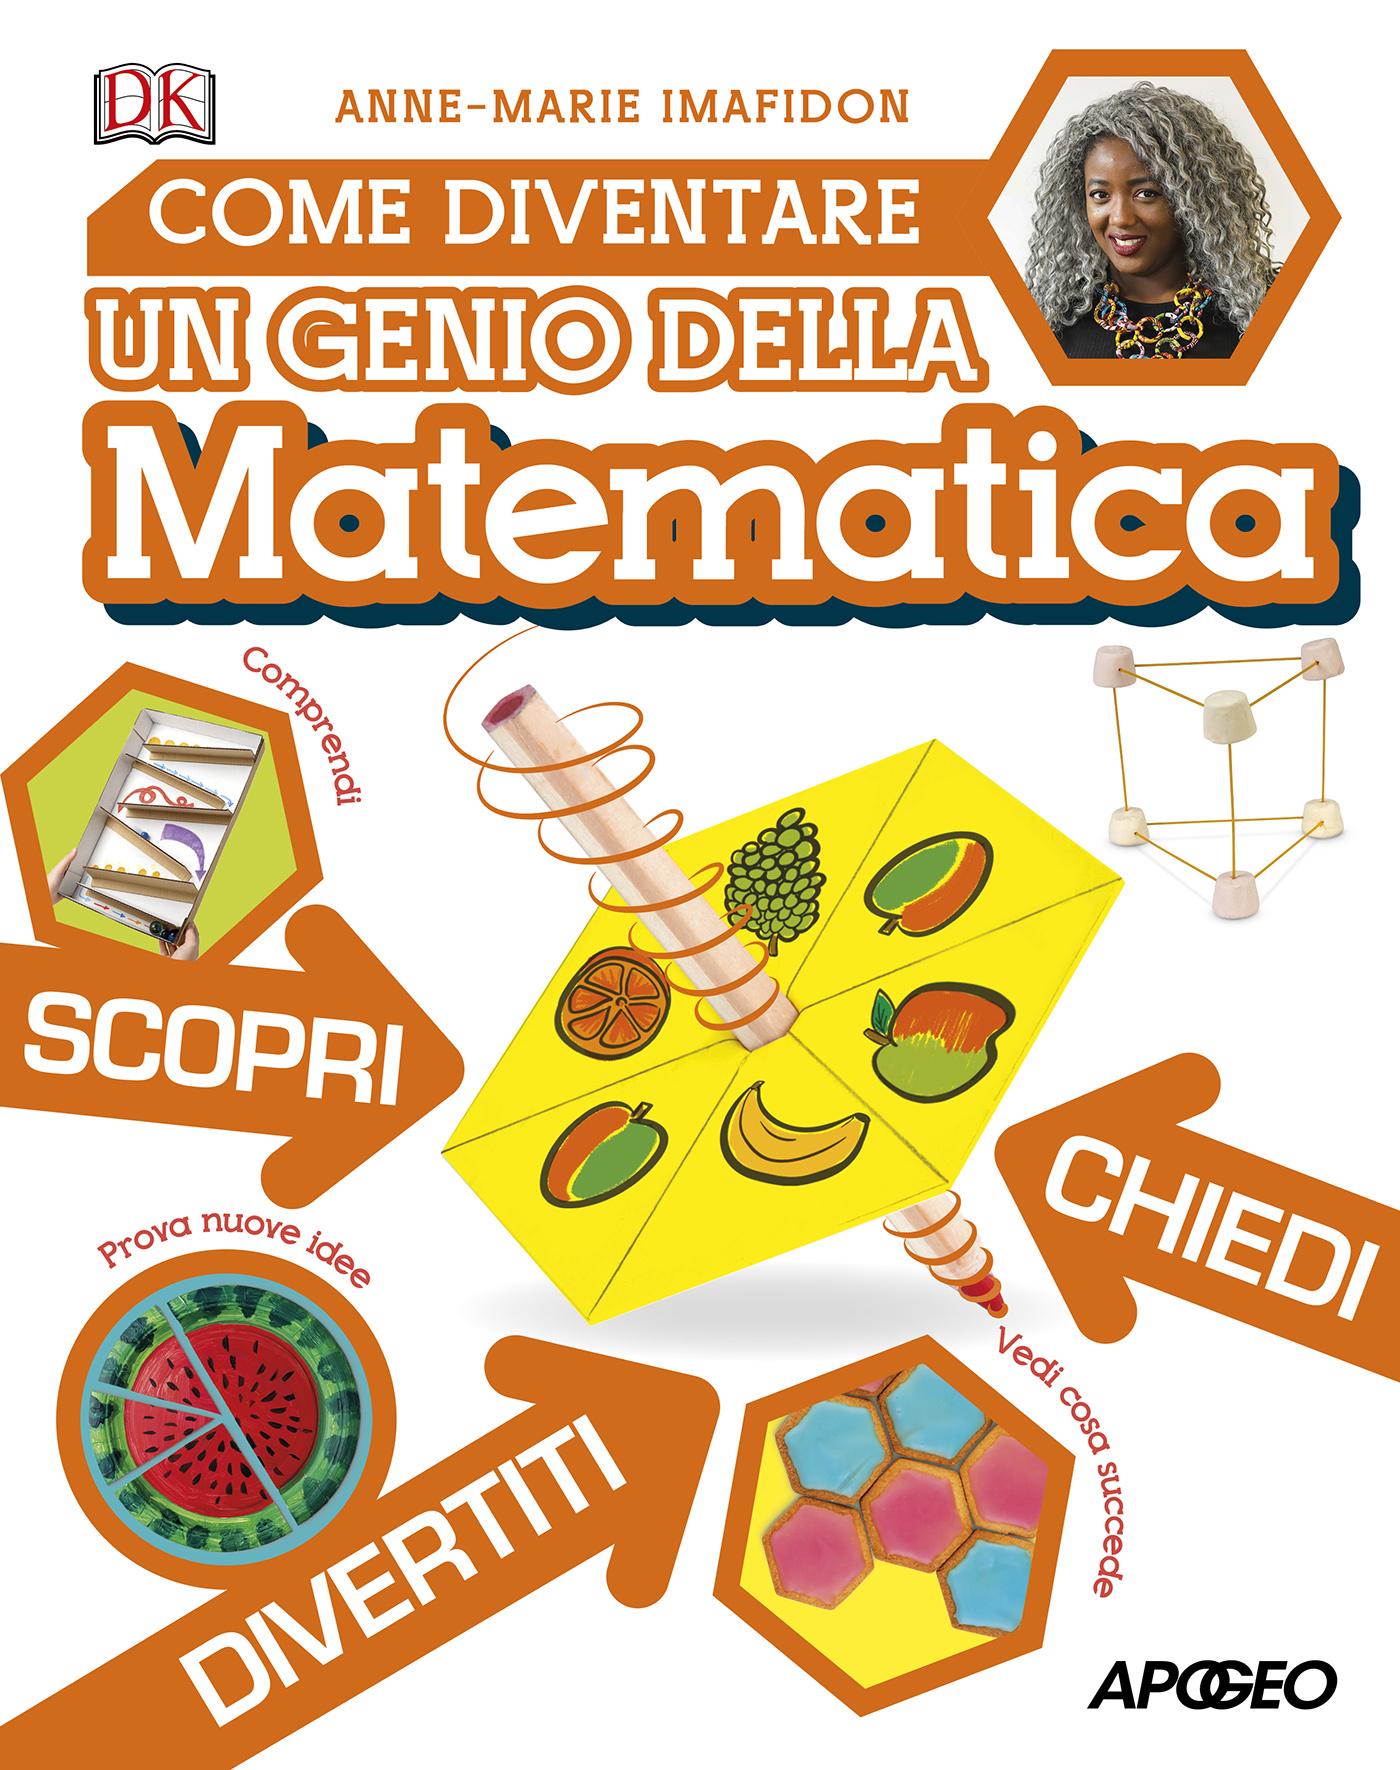 Come diventare un genio della matematica, di Anne-Marie Imafidon